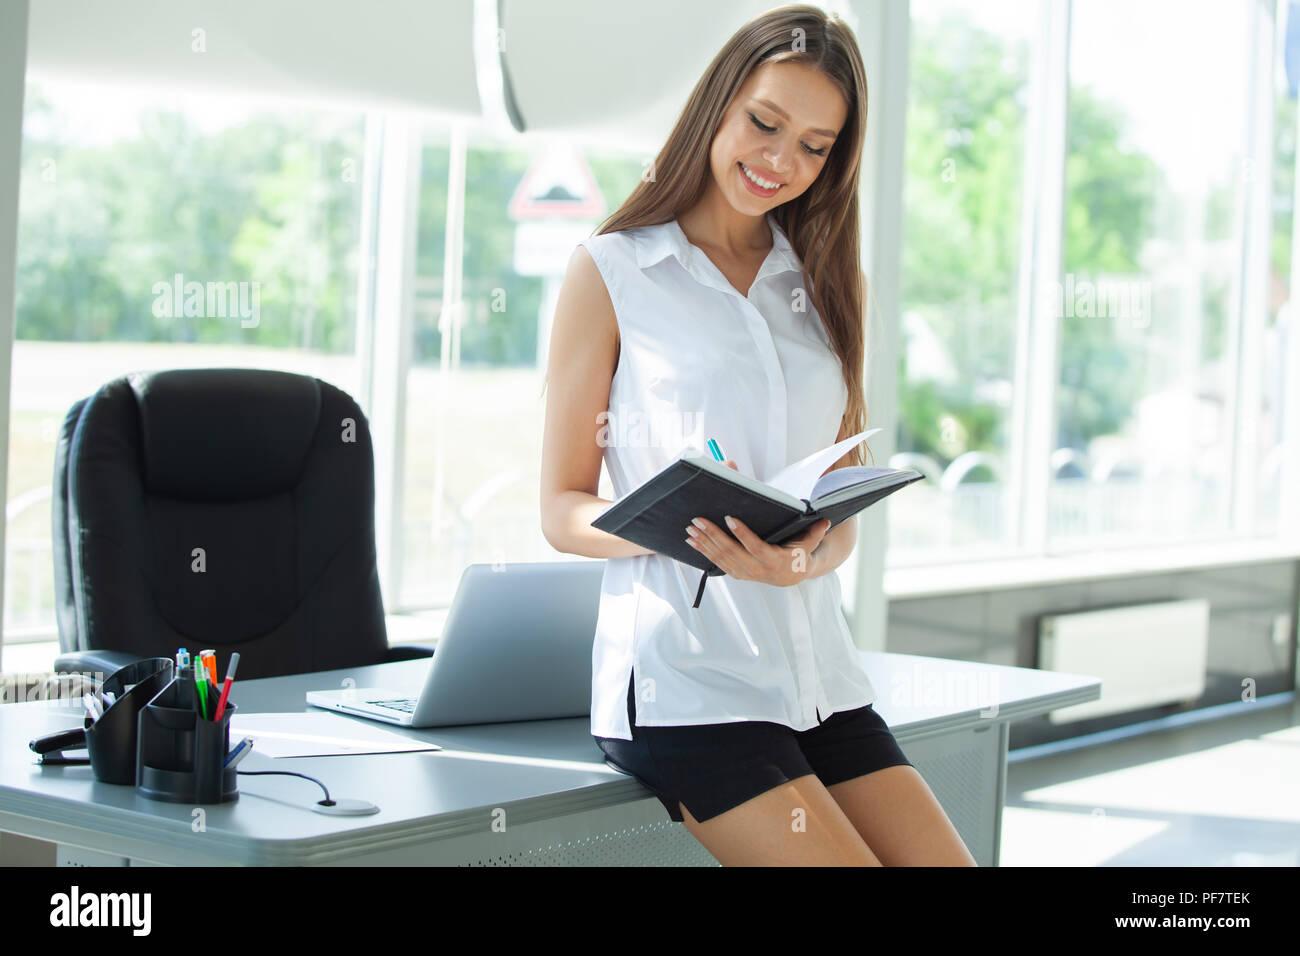 Business donna lavora in ufficio con documenti. Immagini Stock